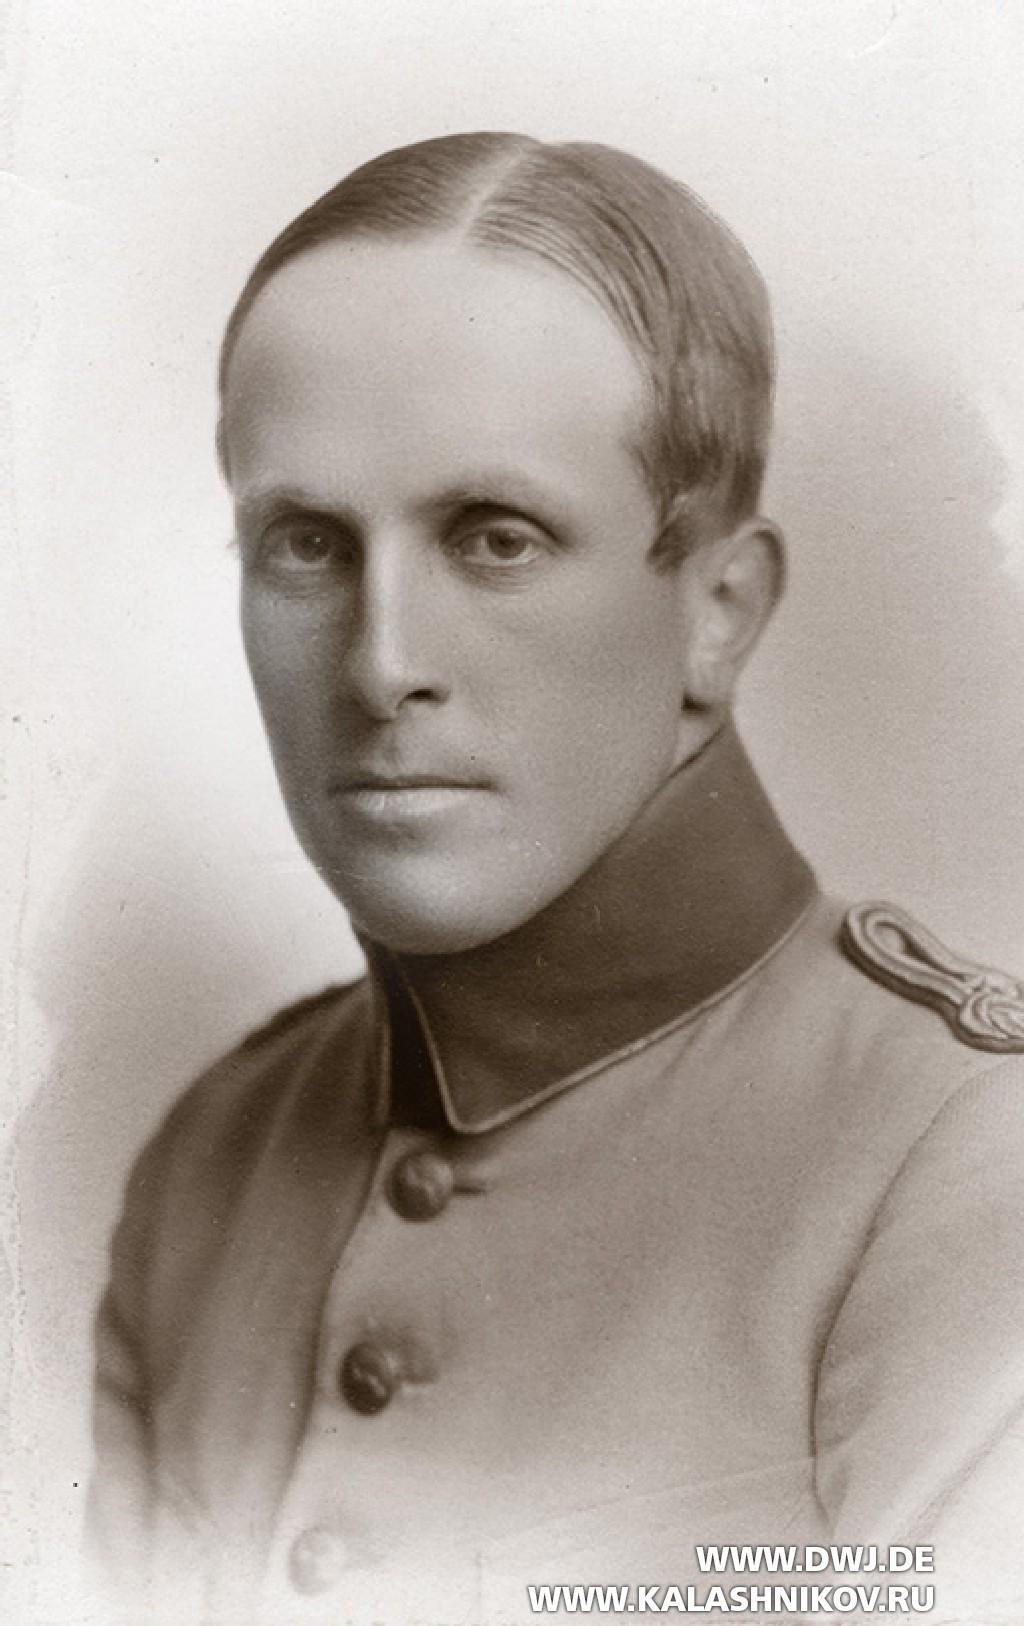 Нильс Густав Бертиль Дибек (Nils Gustaf Bertil Dybeck)